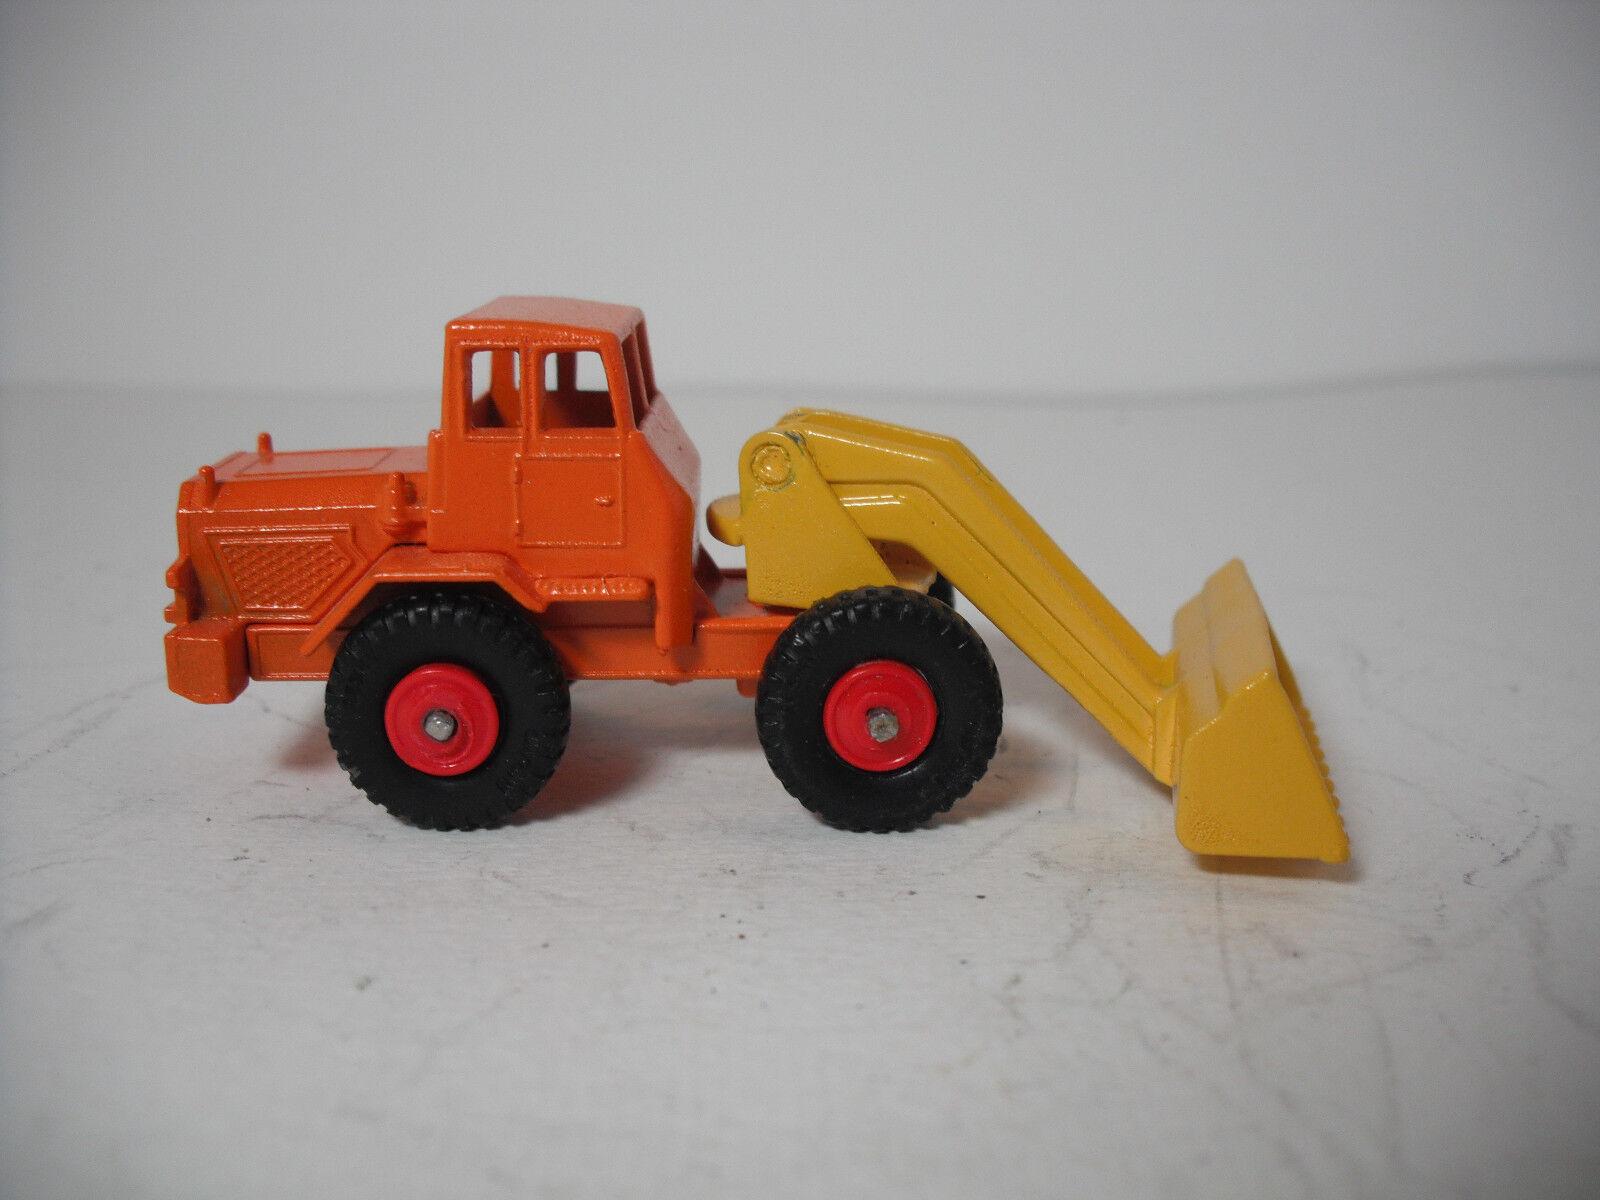 MATCHBOX LESNEY  69 restauré-Mod Orange HATRA tracteur jaune Pelle Avec rouge Wheels